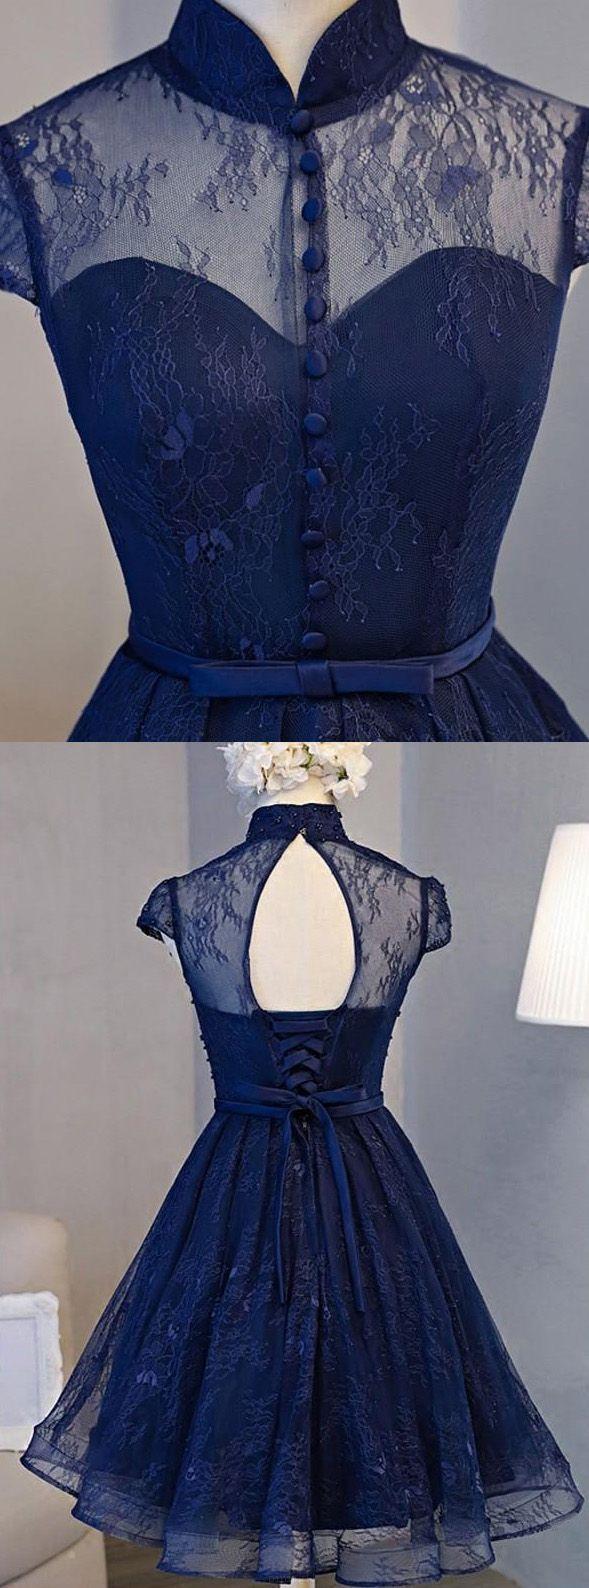 Short prom dresses lace prom dresses prom dresses short custom